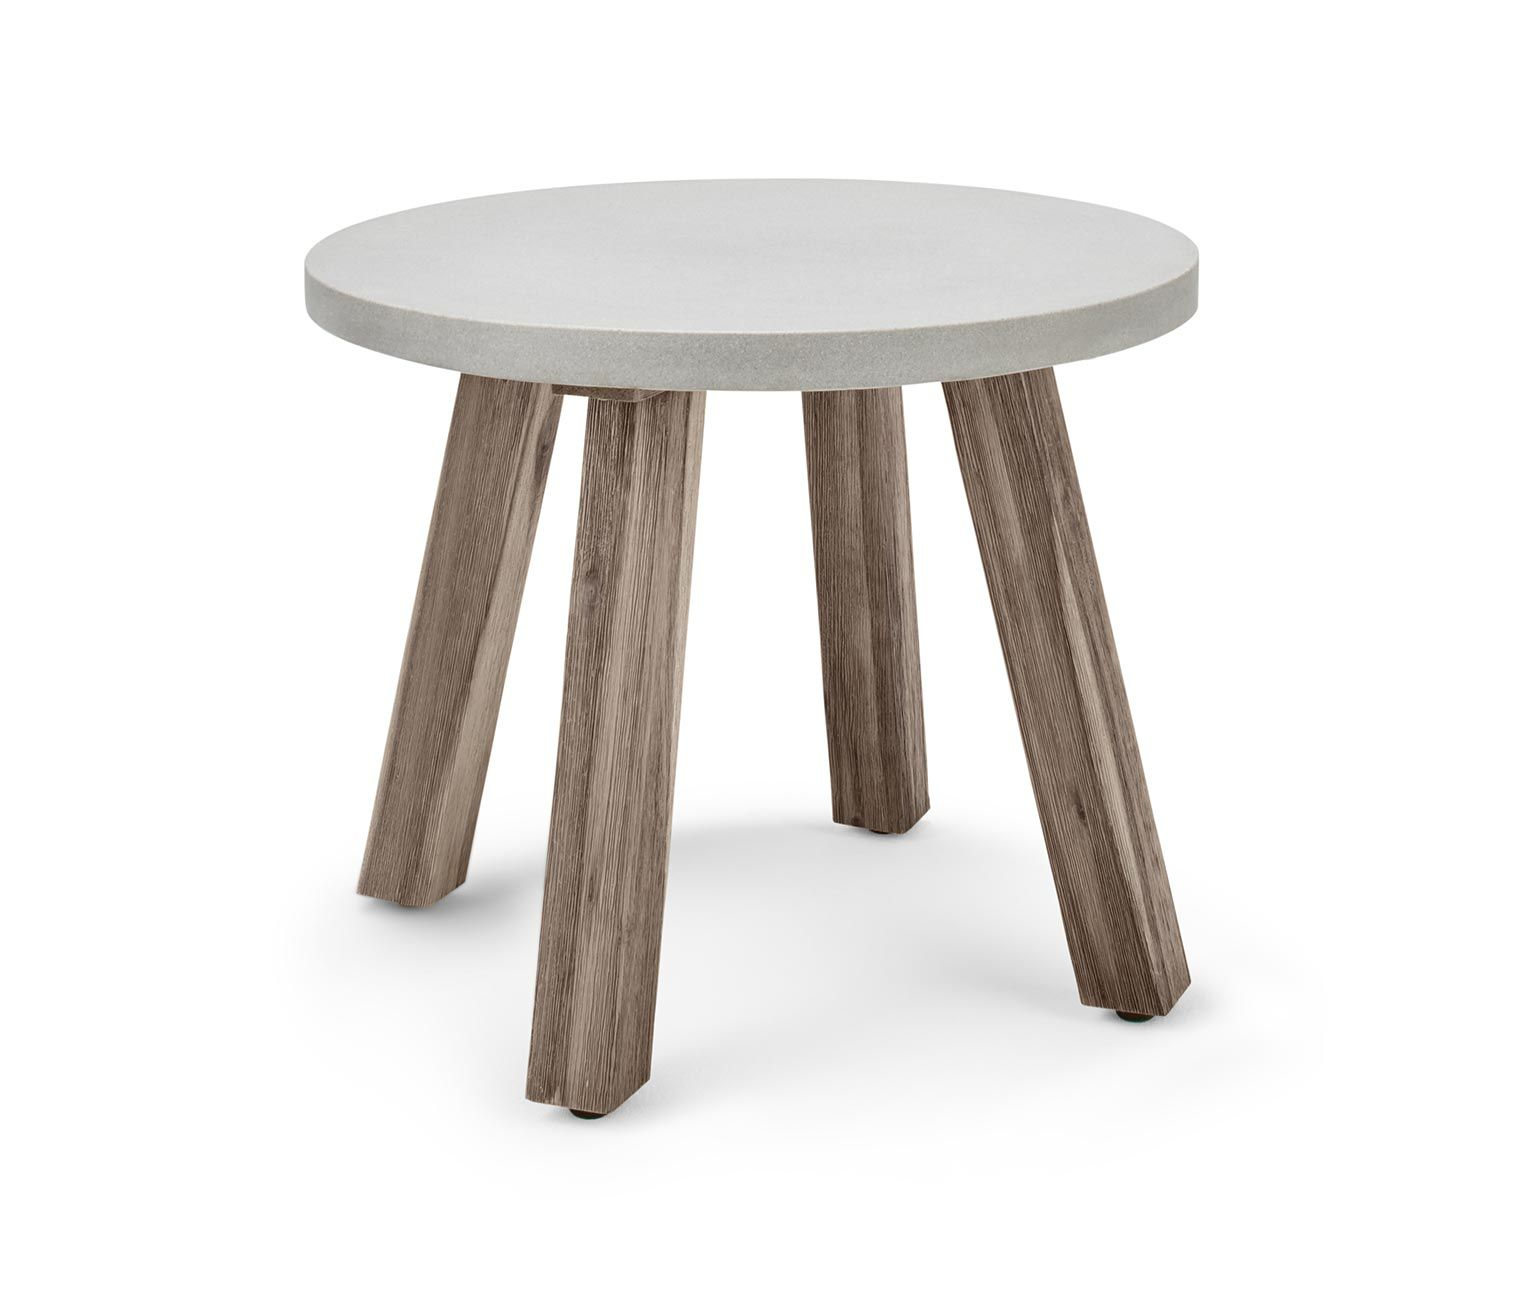 08fe0d50f27305a85d12fa16fd0c53f9 Unique De Table De Canapé Des Idées